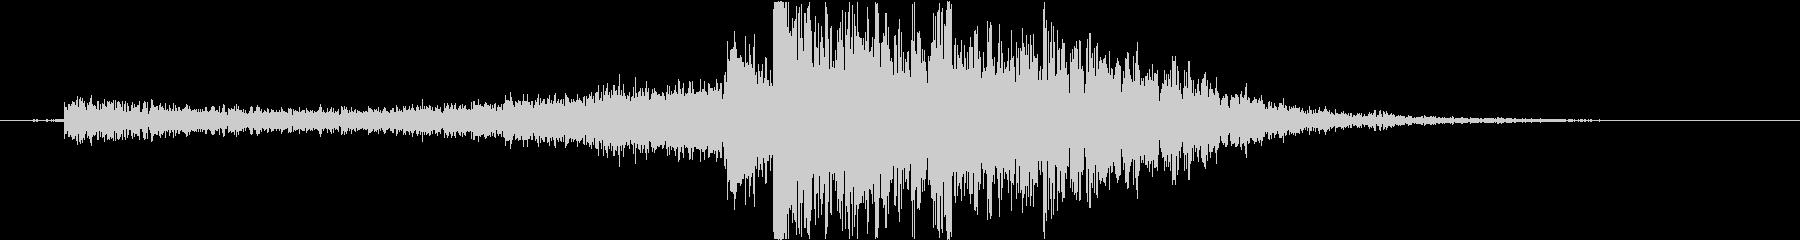 水魔法の音2(大津波で攻撃するイメージ)の未再生の波形